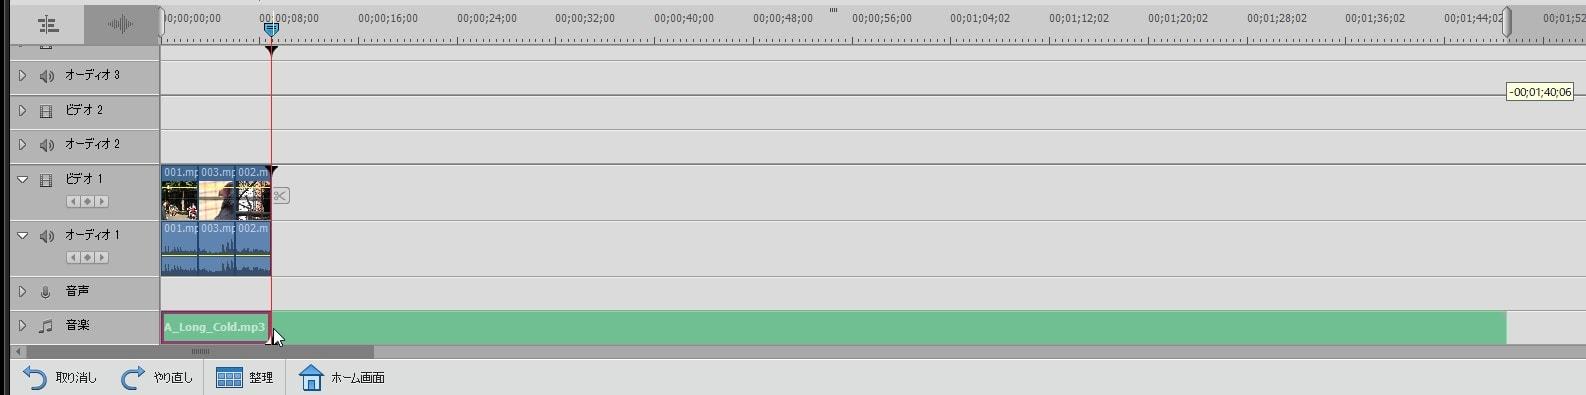 リミックス機能を解除する方法 Adobe Premiere Elements2019の使い方(1) 機能の紹介 動画編集ソフト アドビプレミアエレメンツ入門